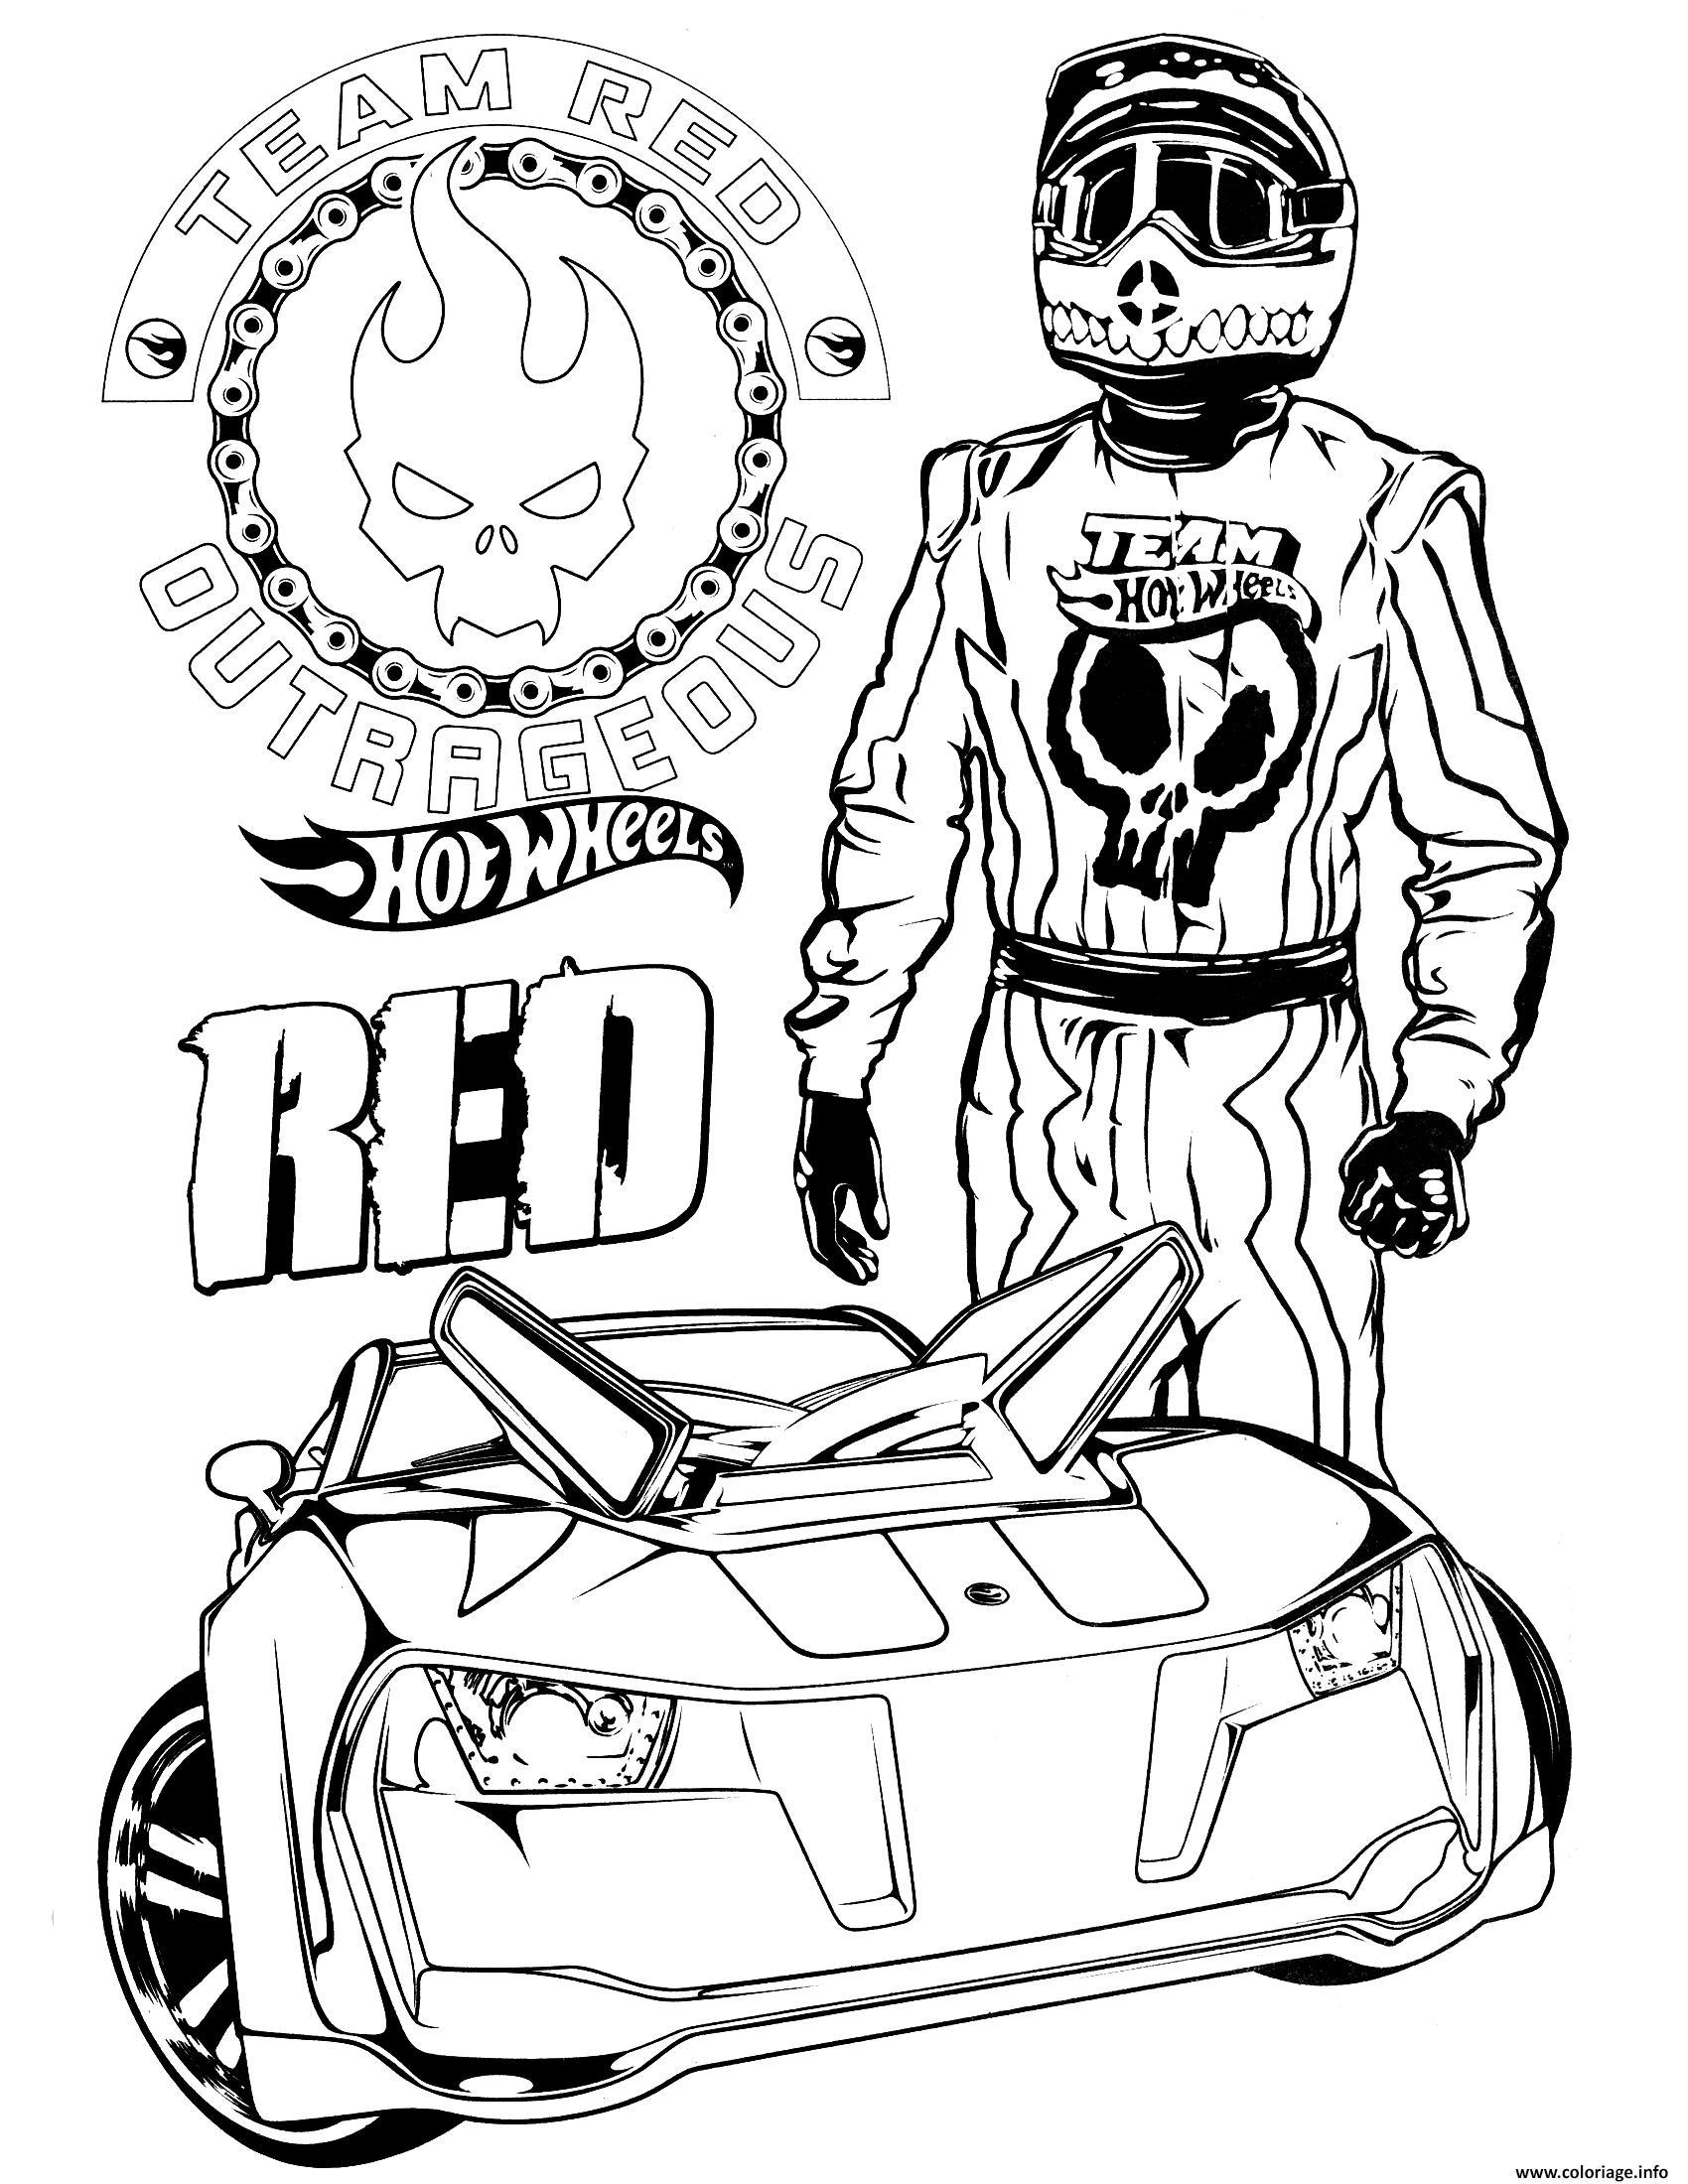 Dessin Team Hot Wheels Red voiture rapide Coloriage Gratuit à Imprimer